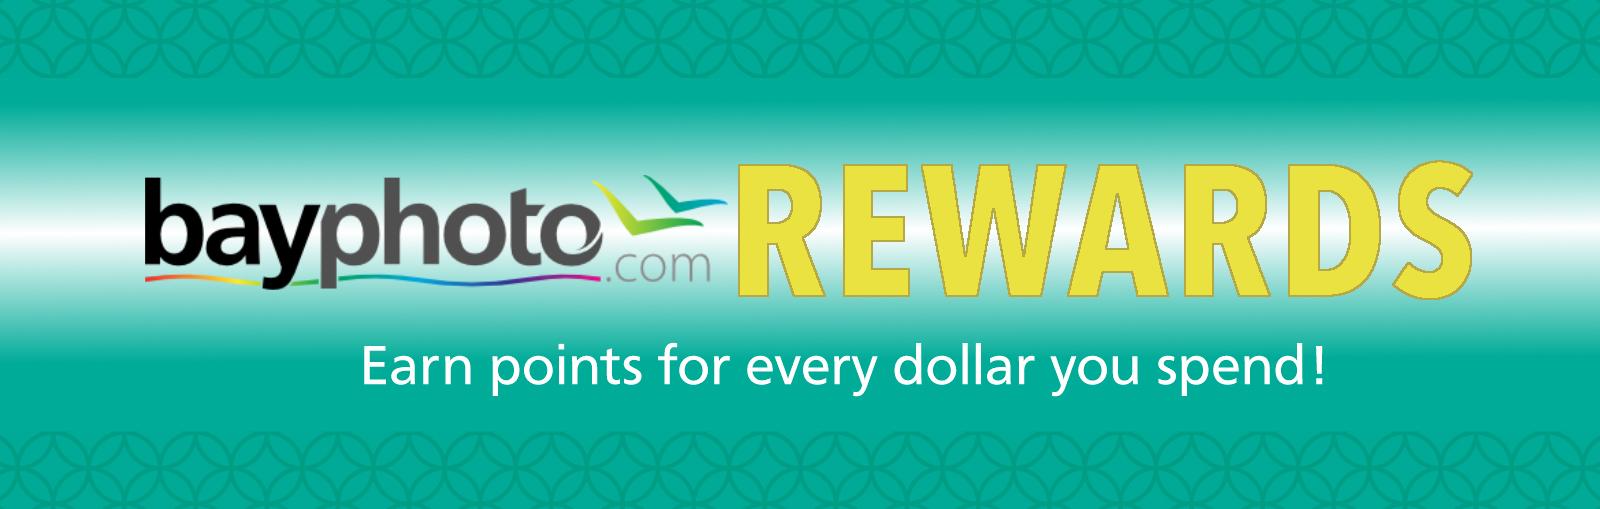 Teal Rewards Logo Banner